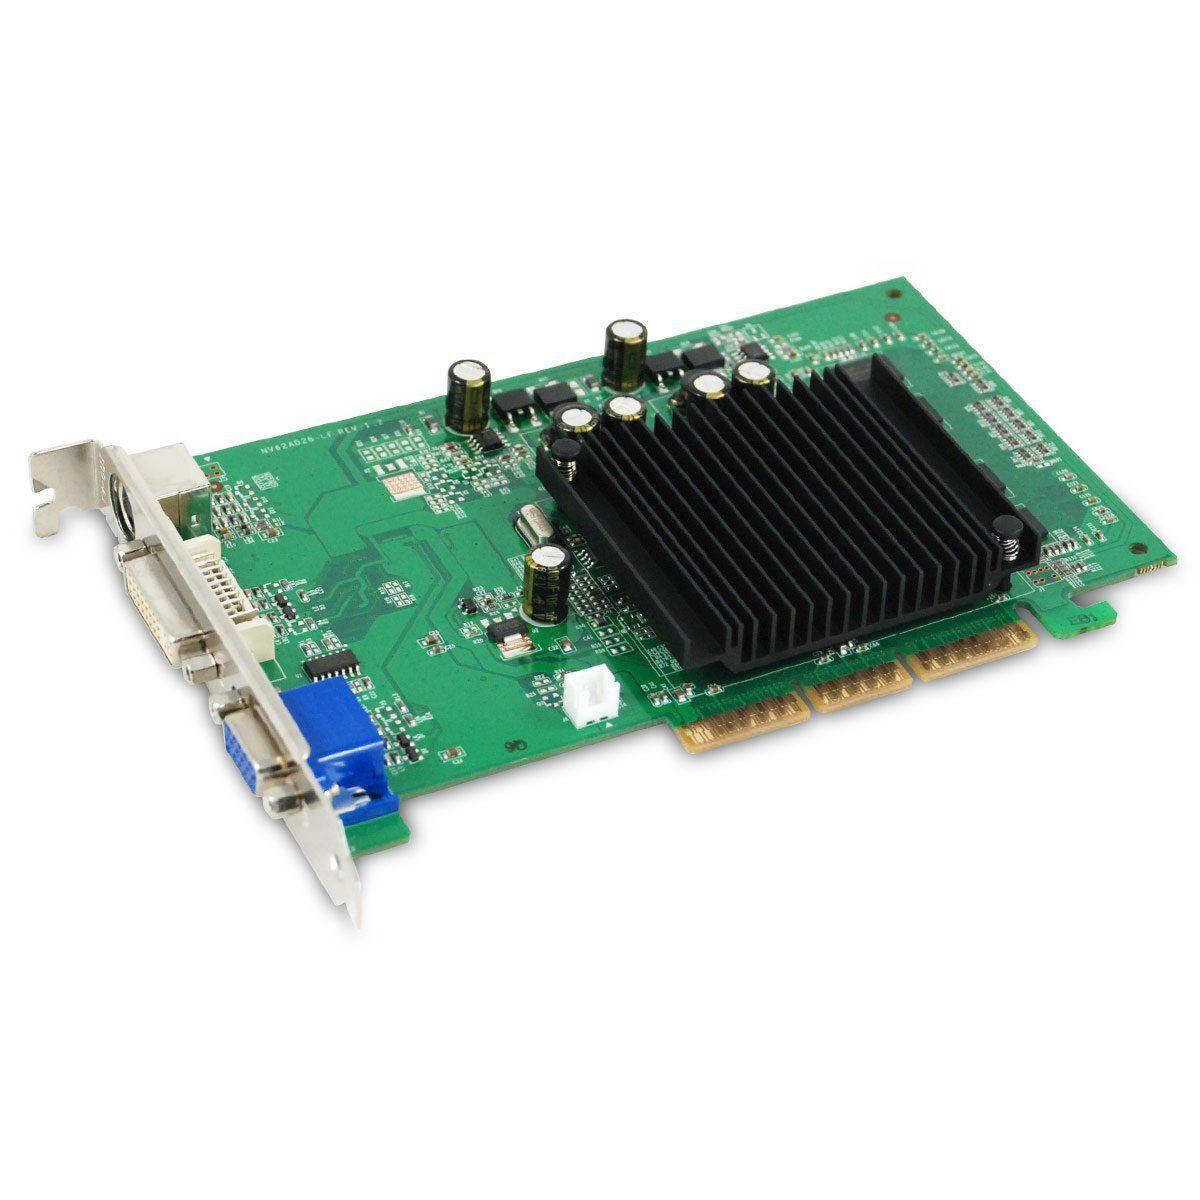 Best Overall EVGA GeForce 6200